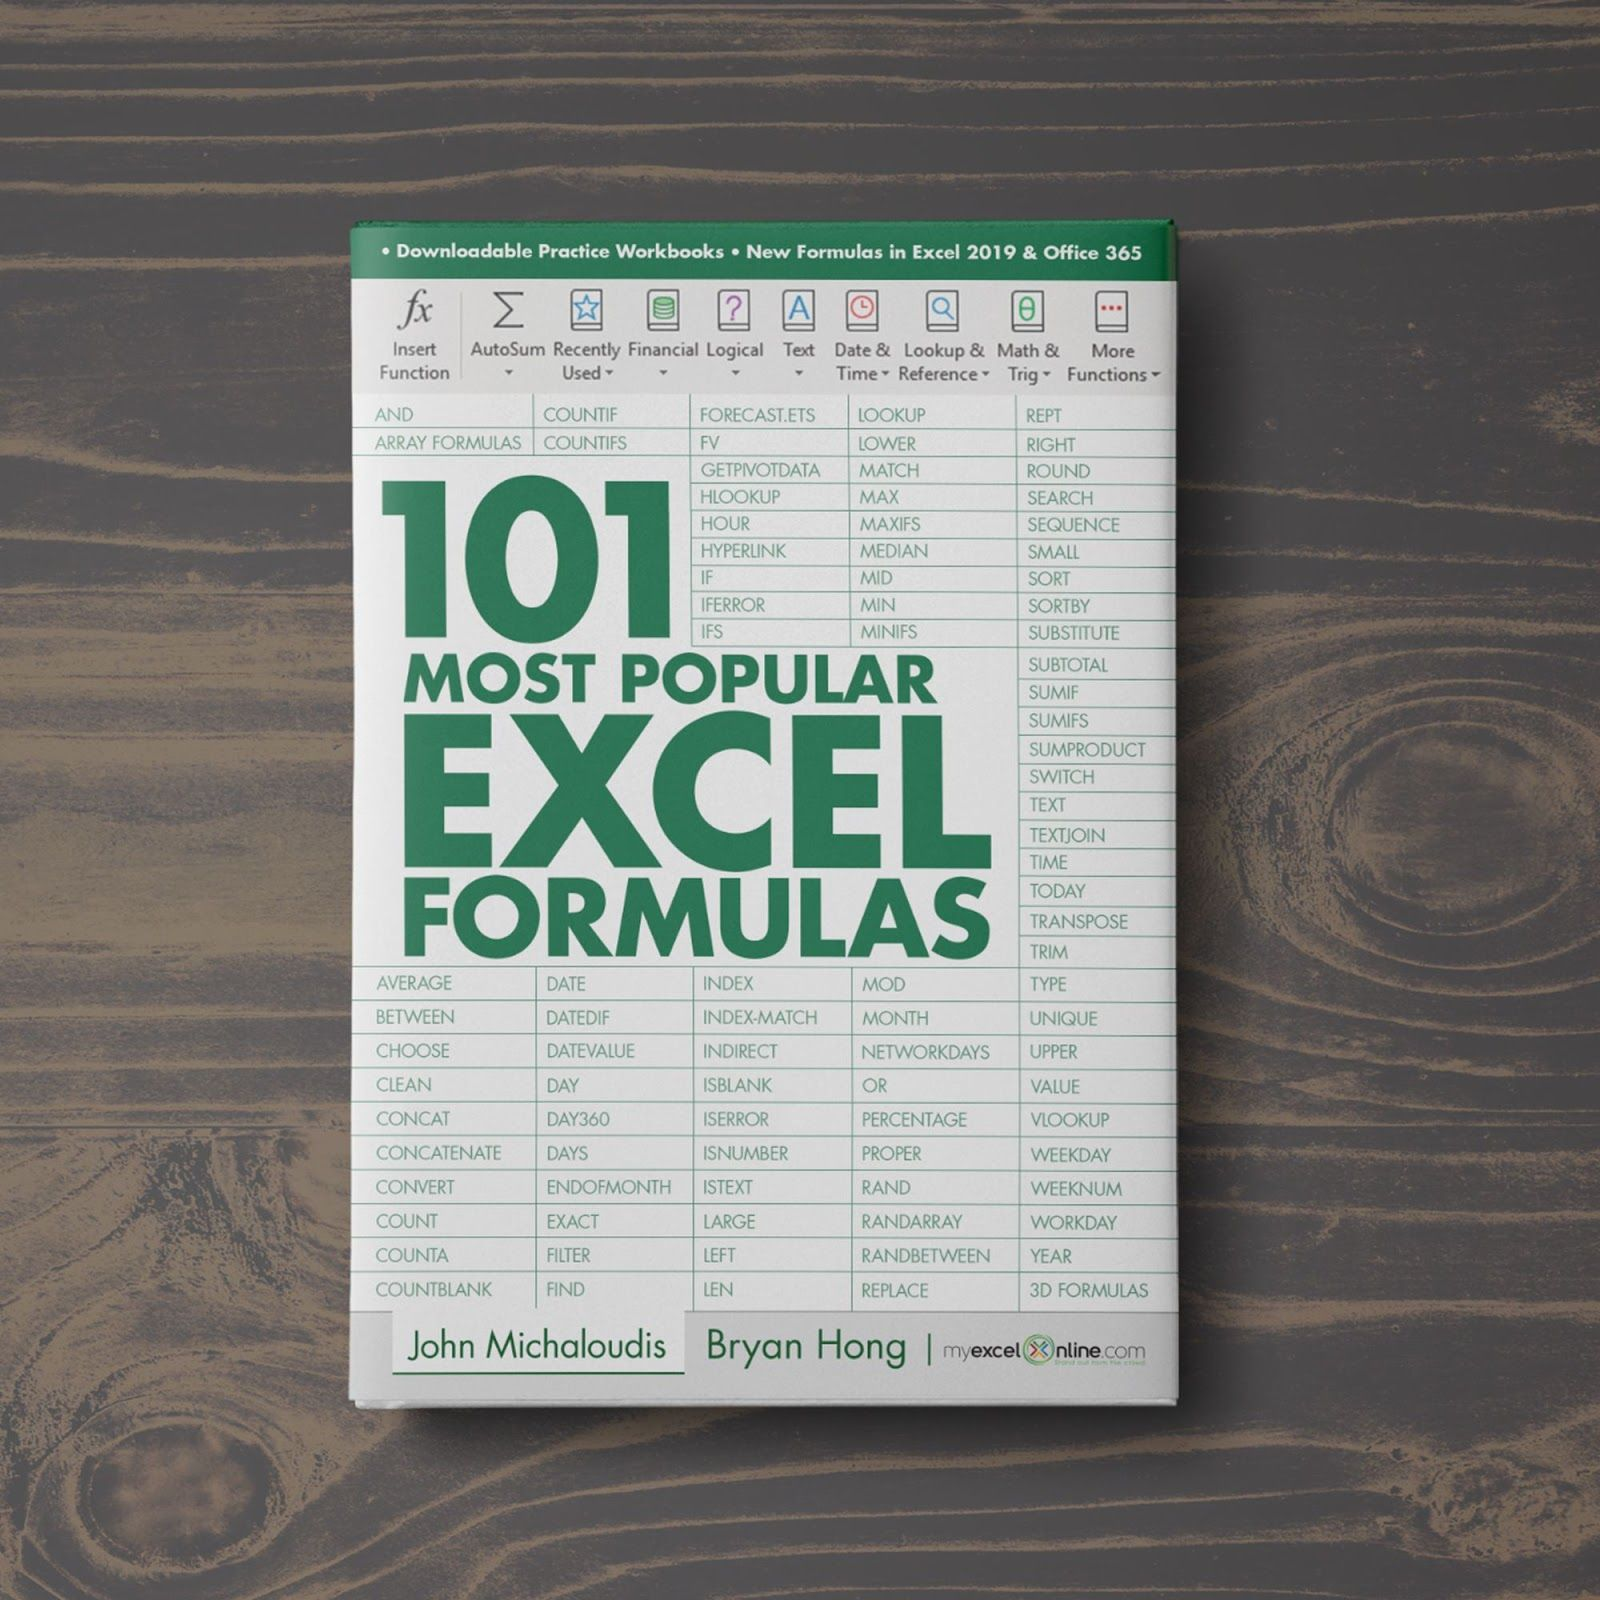 0b303417d7983d558358eebb9d62f157 in 2020 Excel formula